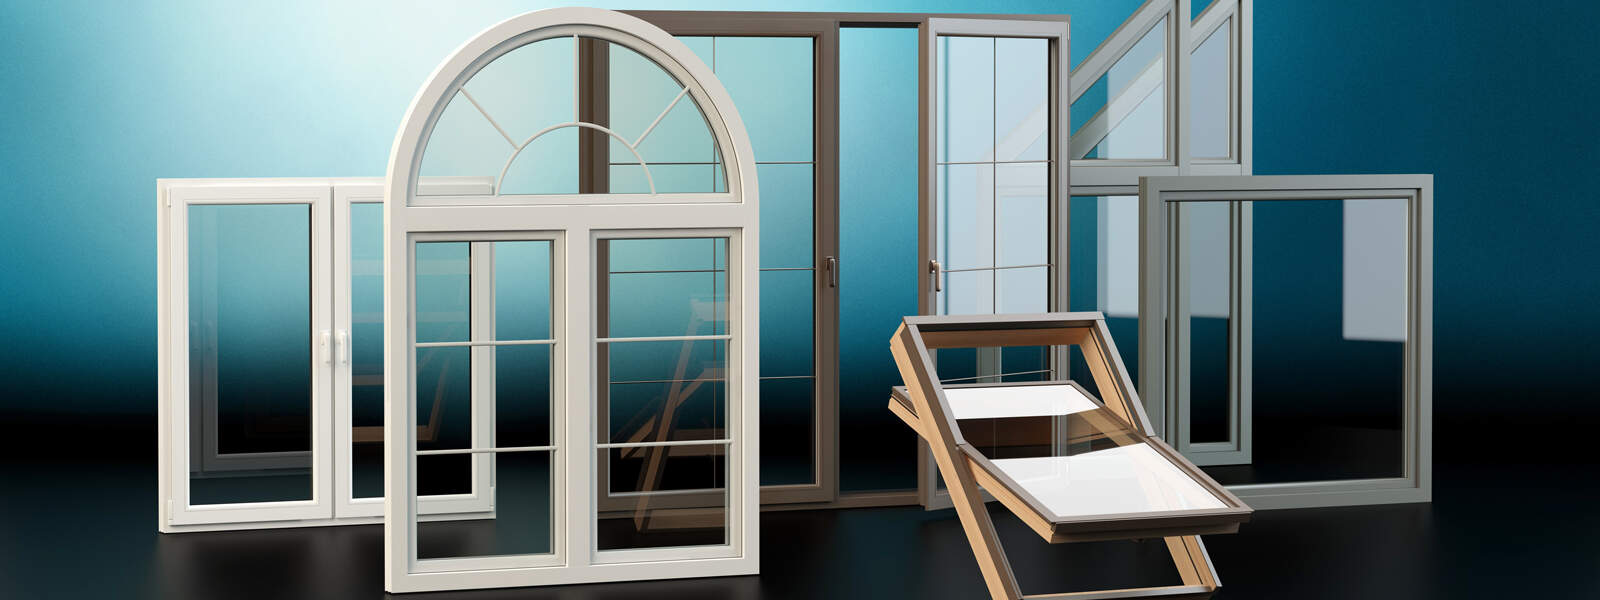 okna pcv czy aluminiowe